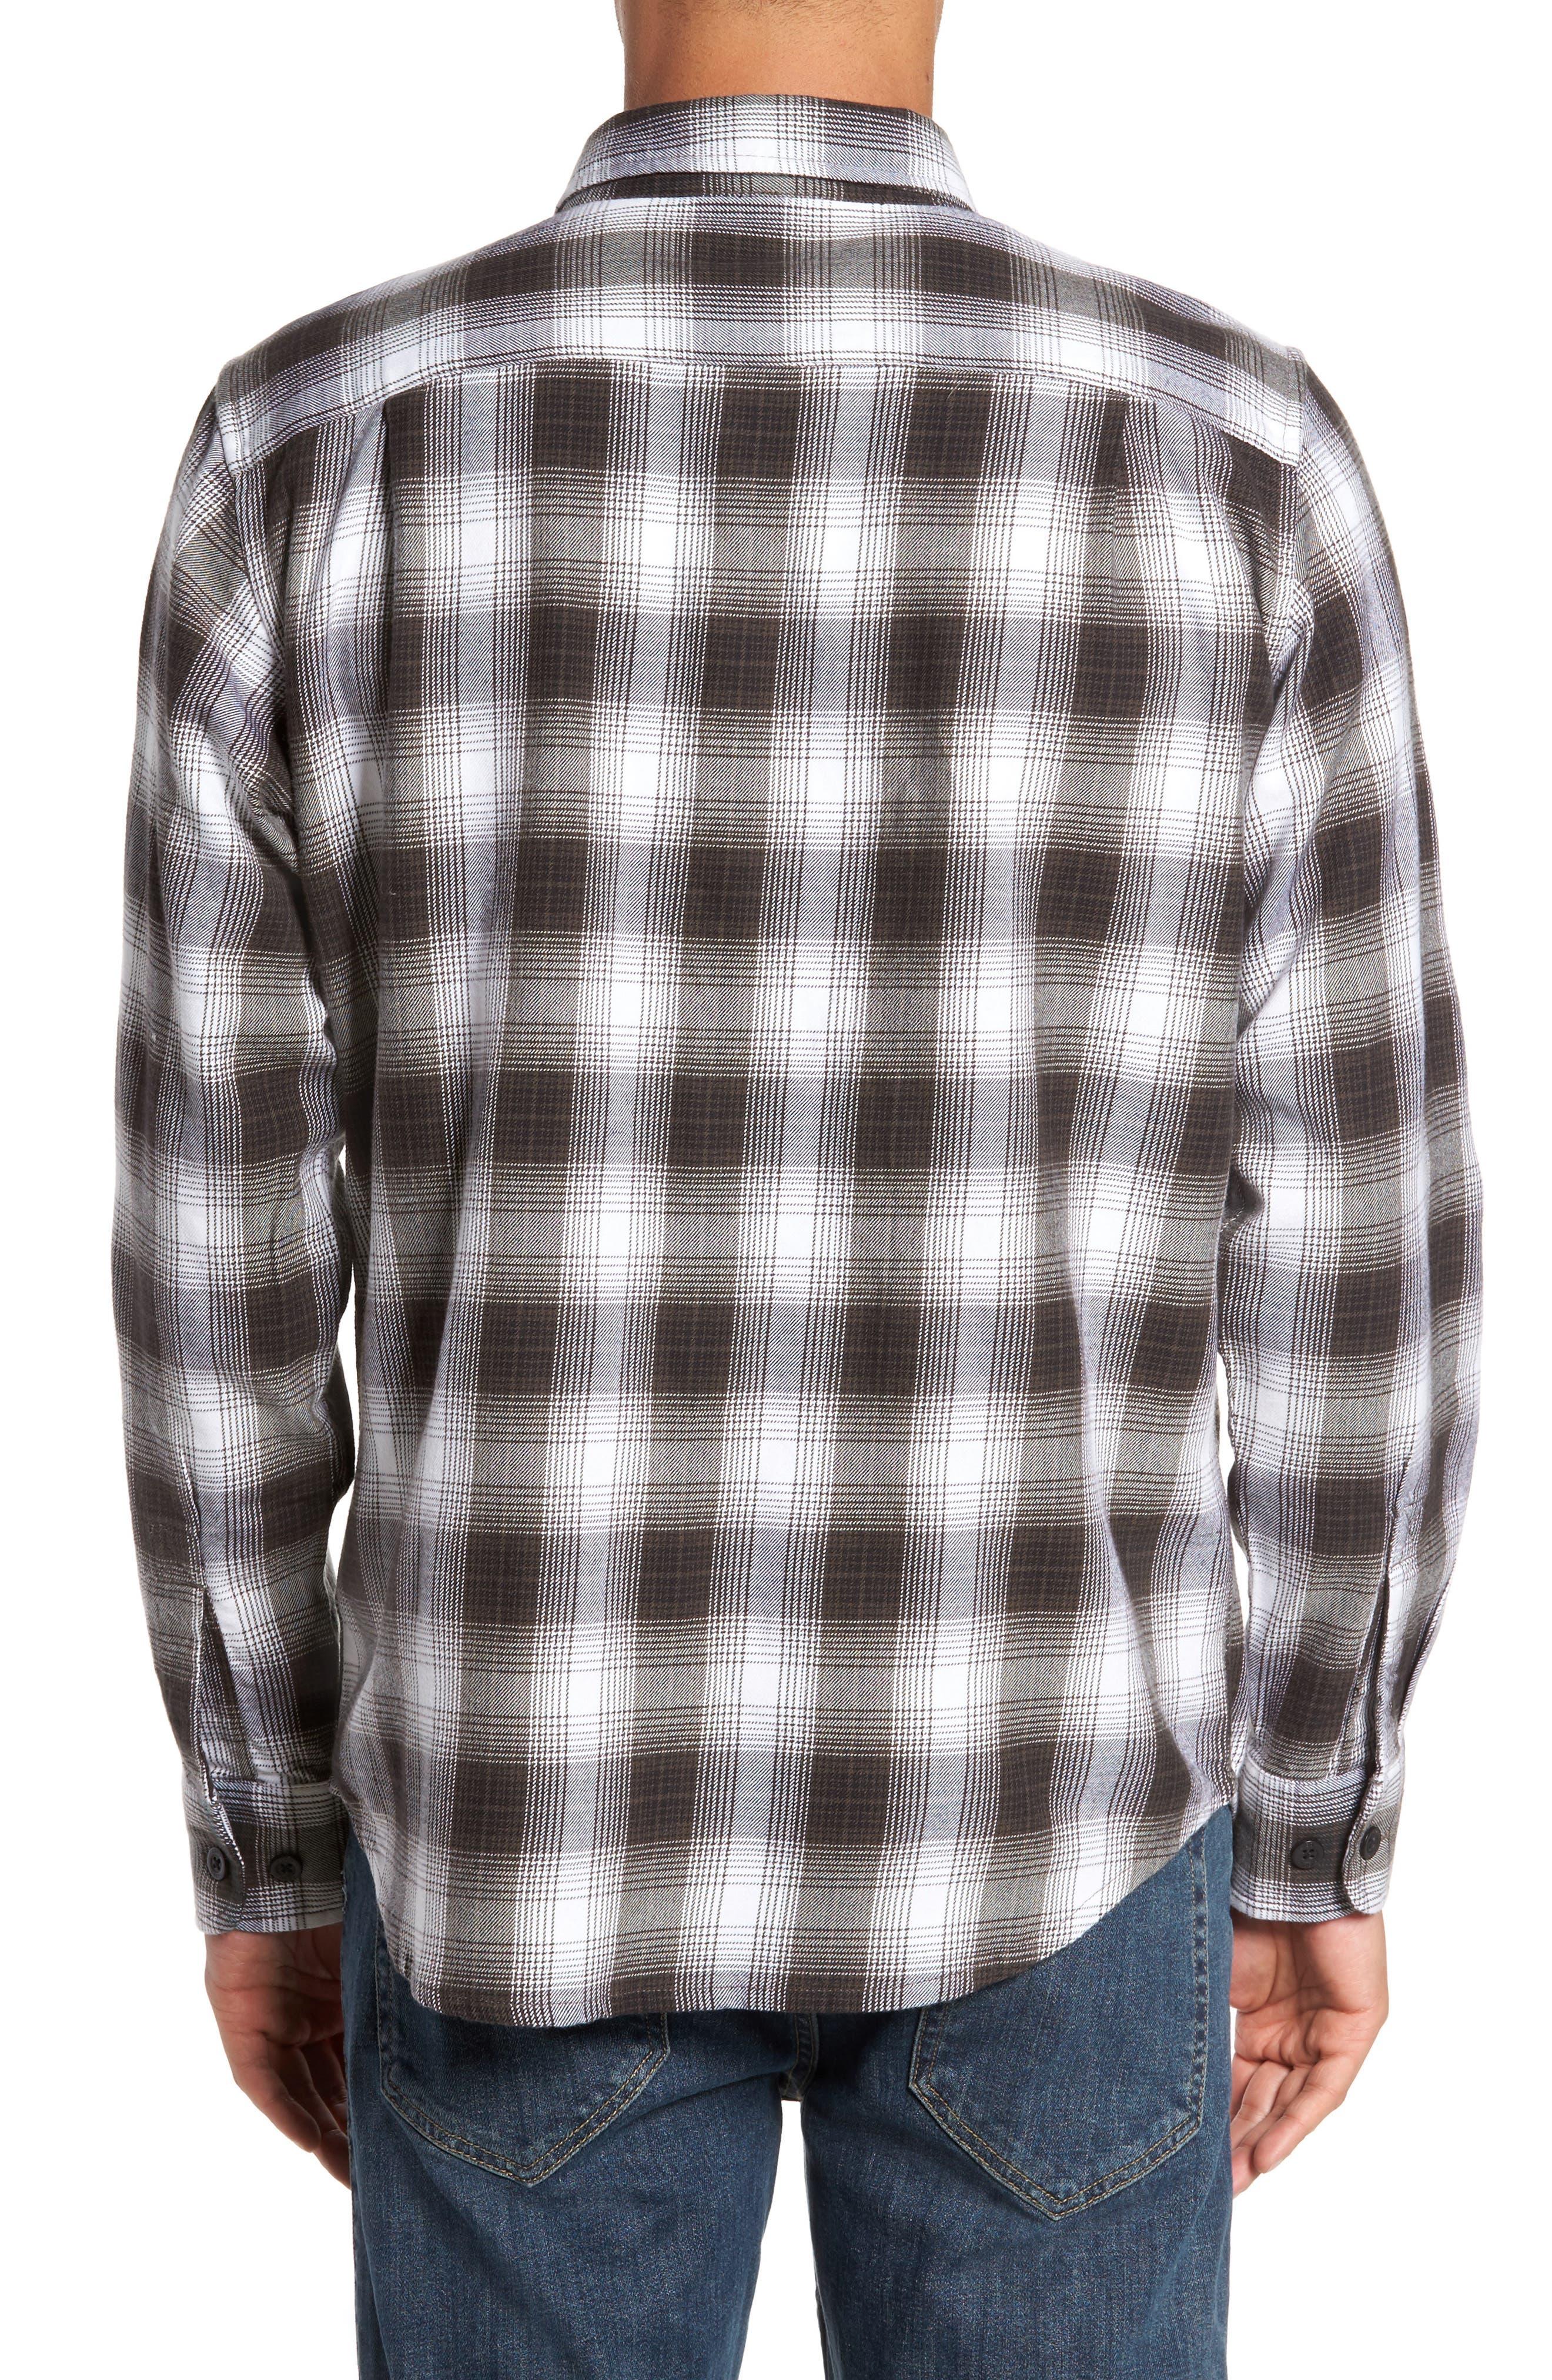 Kemper Plaid Woven Shirt,                             Alternate thumbnail 2, color,                             Black Multi